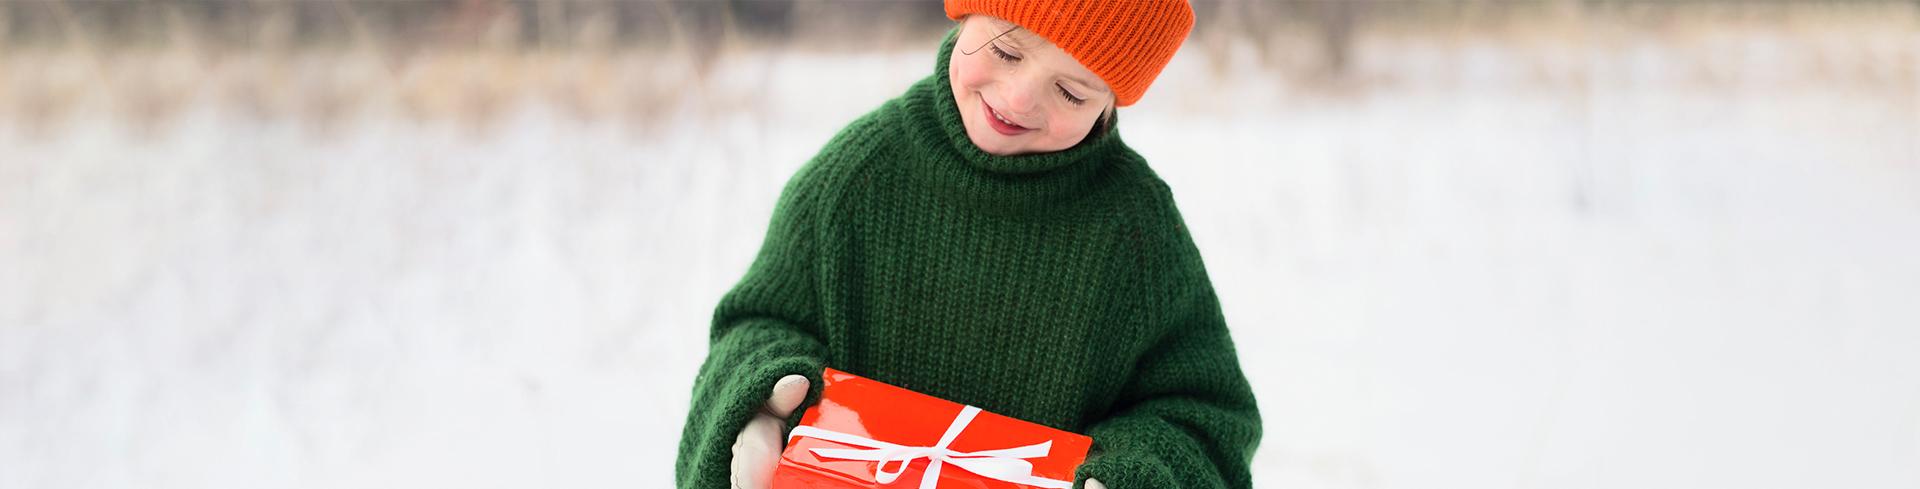 Fenno Optiikka mukana Pelastakaa Lapset ry:n joulukeräyksessä